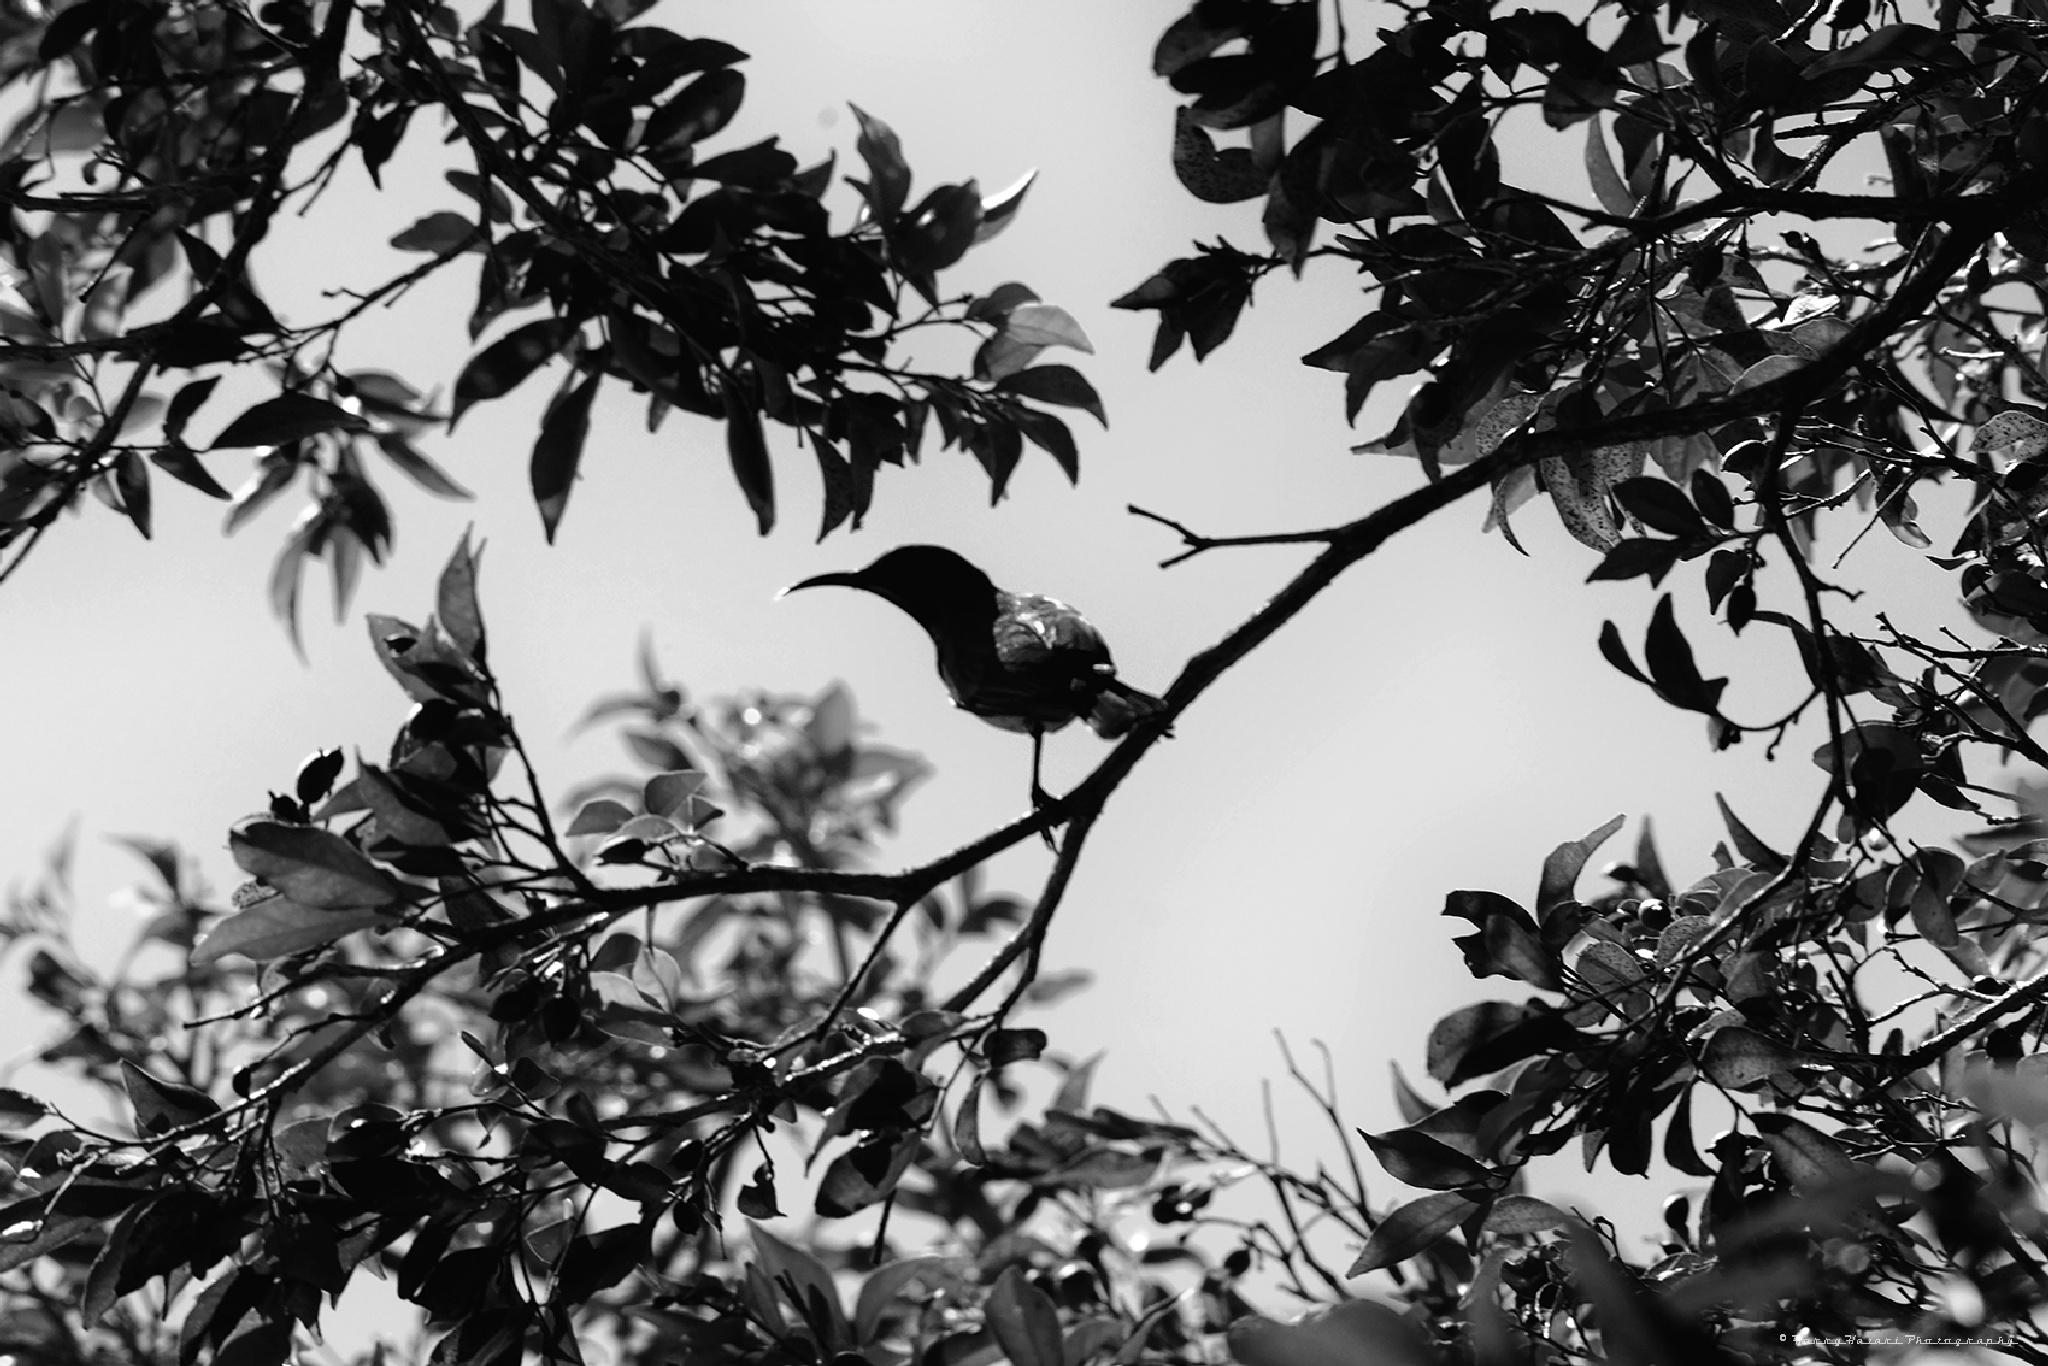 Bird in mono by harryhazari